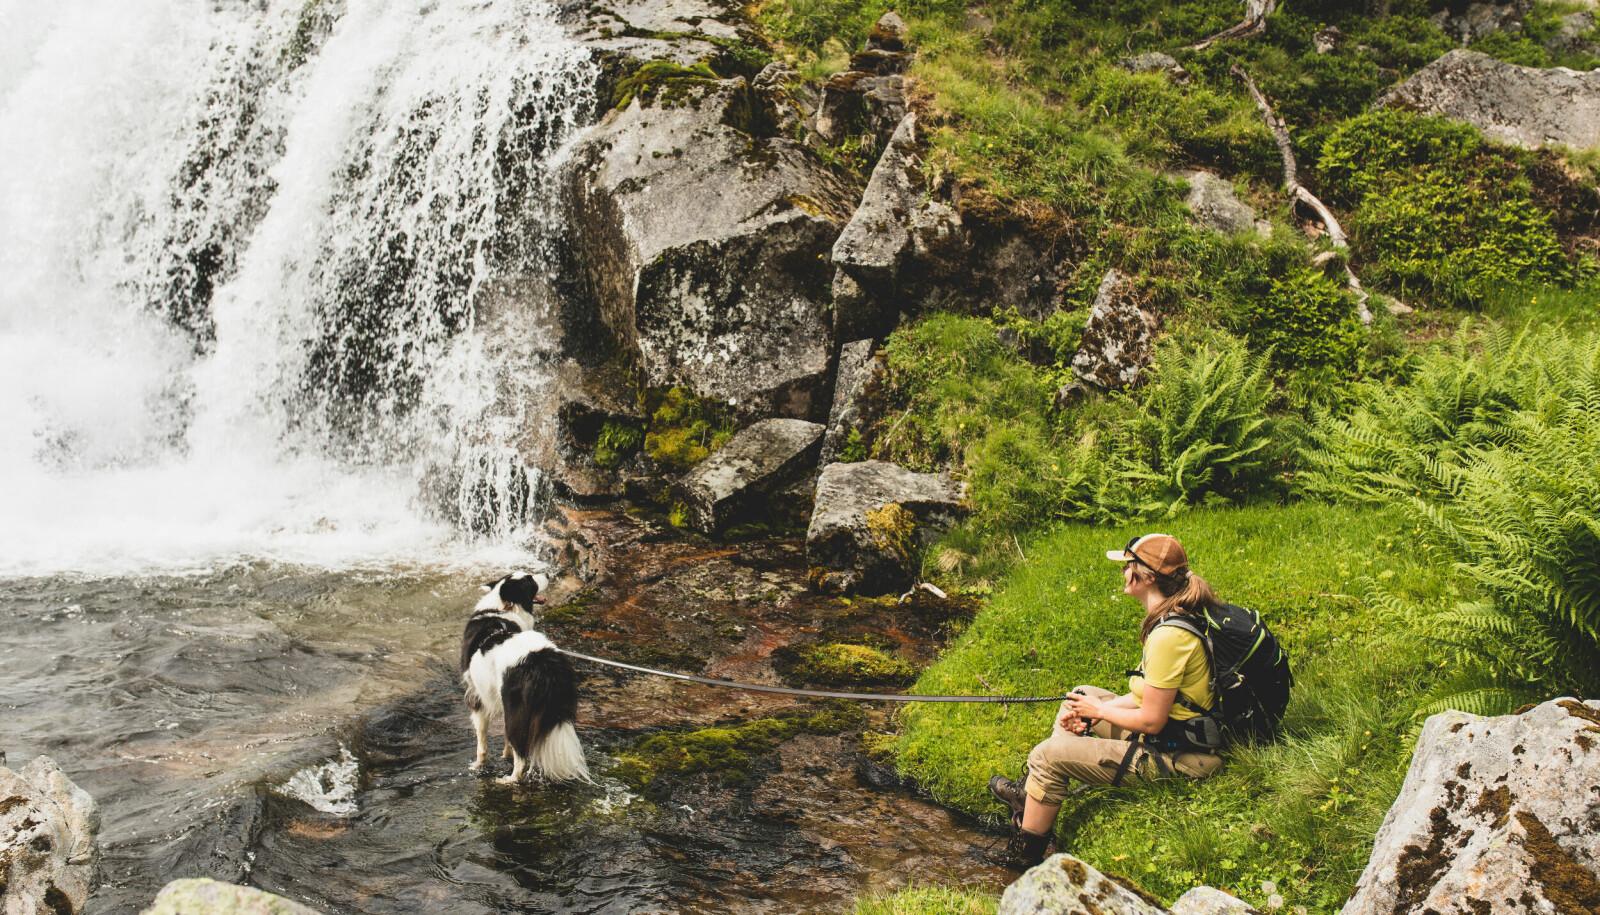 """<span class="""" italic"""" data-lab-italic_desktop=""""italic"""">Hunden Louis set pris på eit avkjølande bad. Kulde og kaldt vatn hjelper også på smertene i foten til Helene.</span>"""